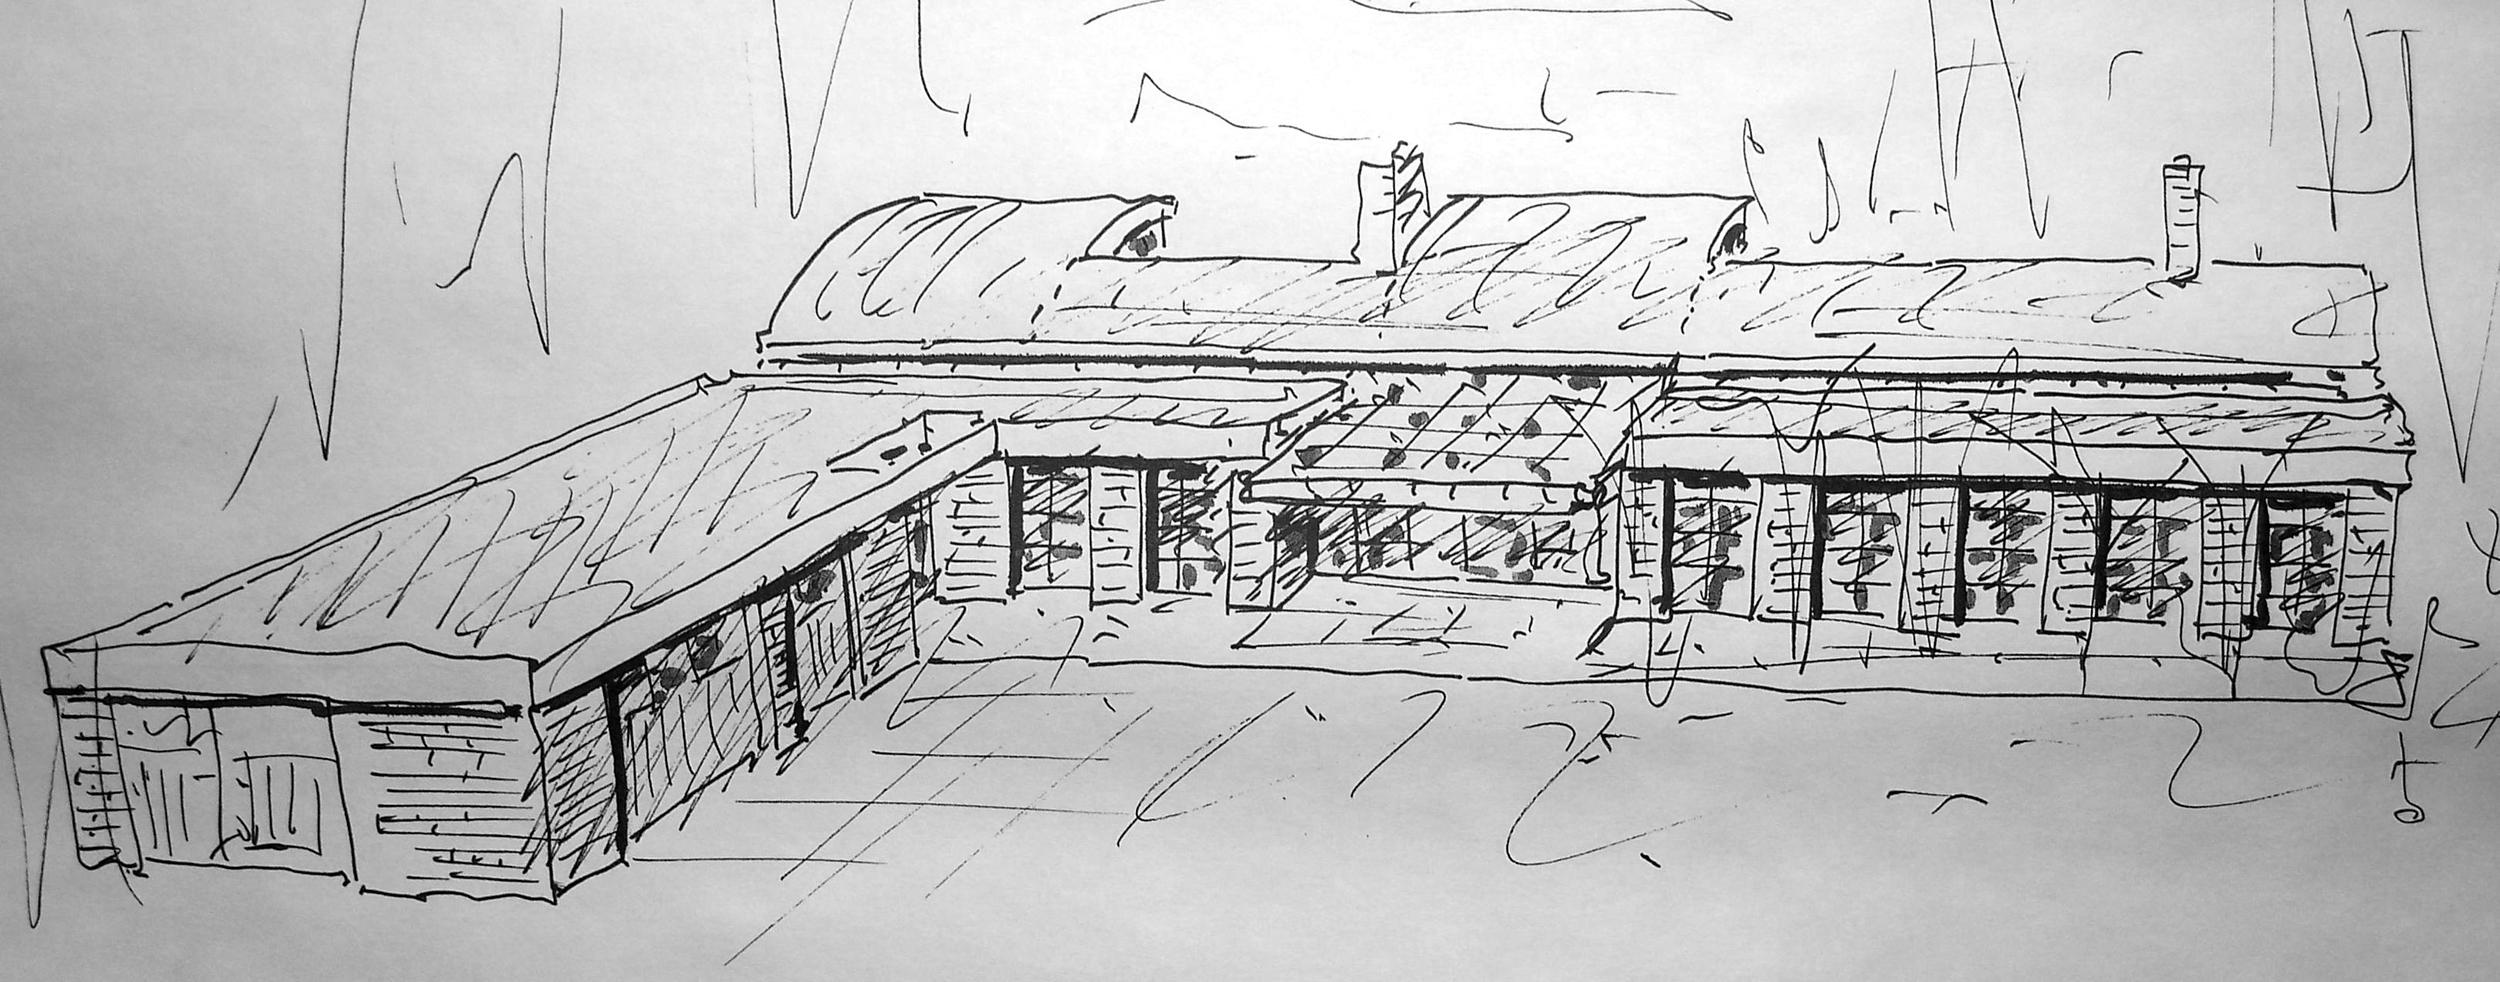 JC misc sketches 019.jpg